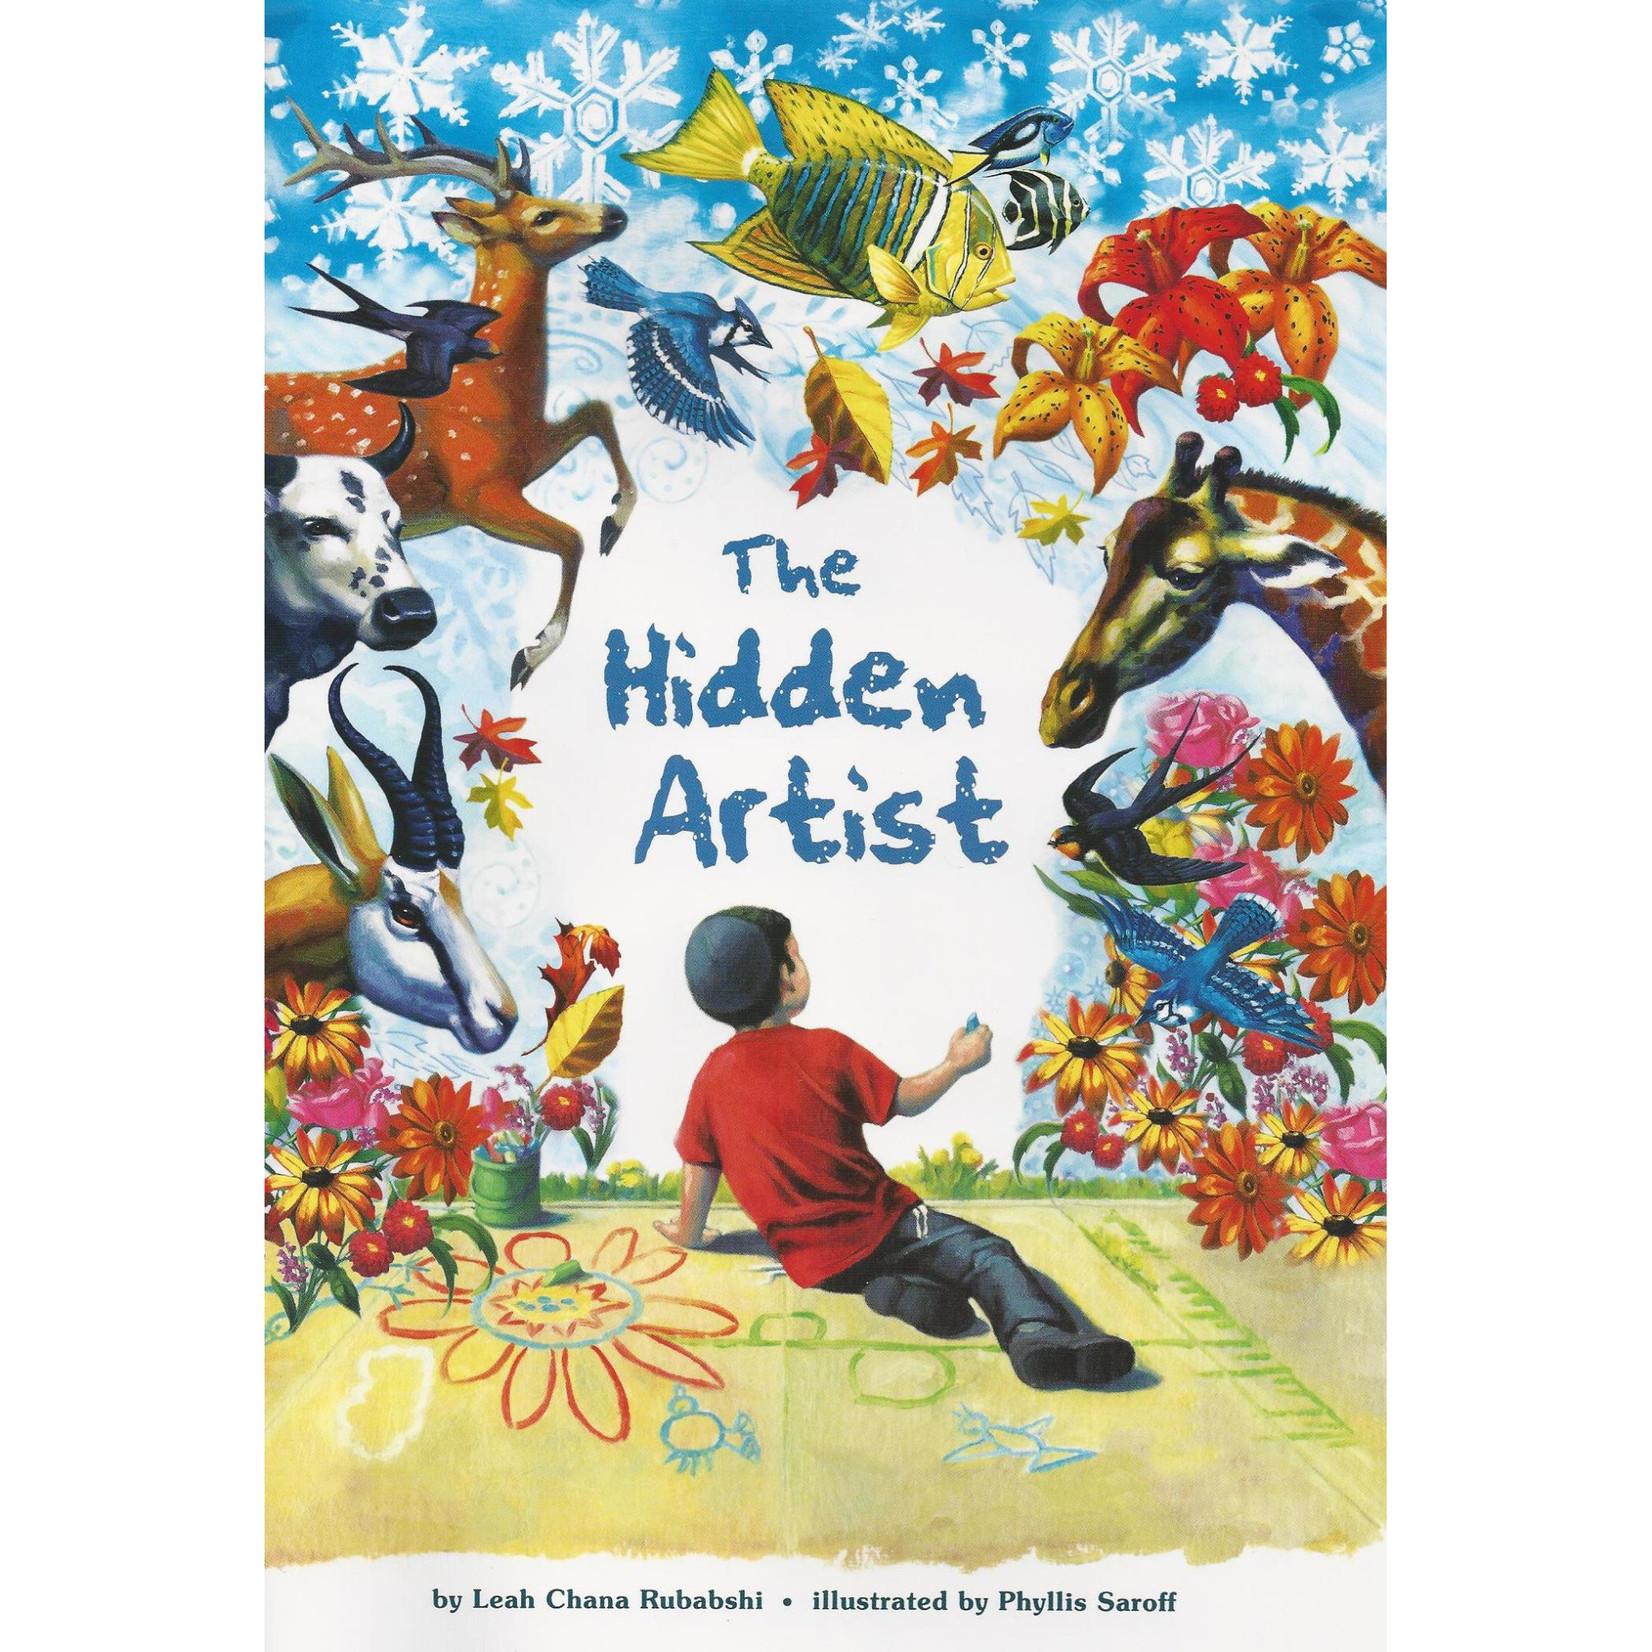 The Hidden Artist